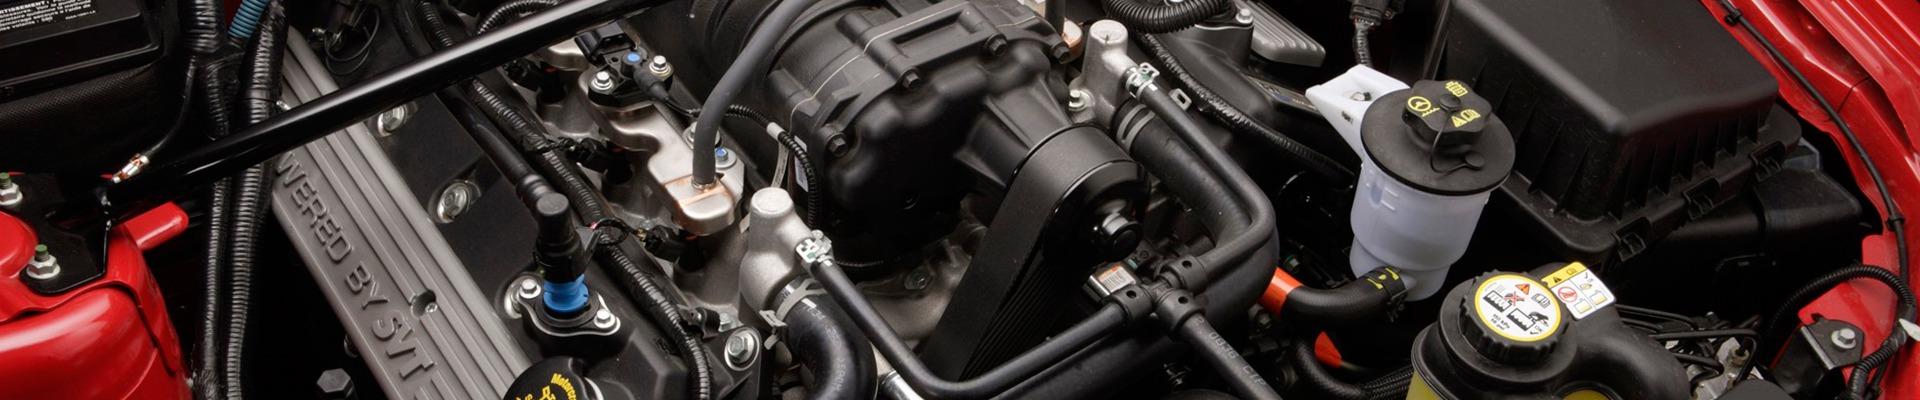 Motor y metal